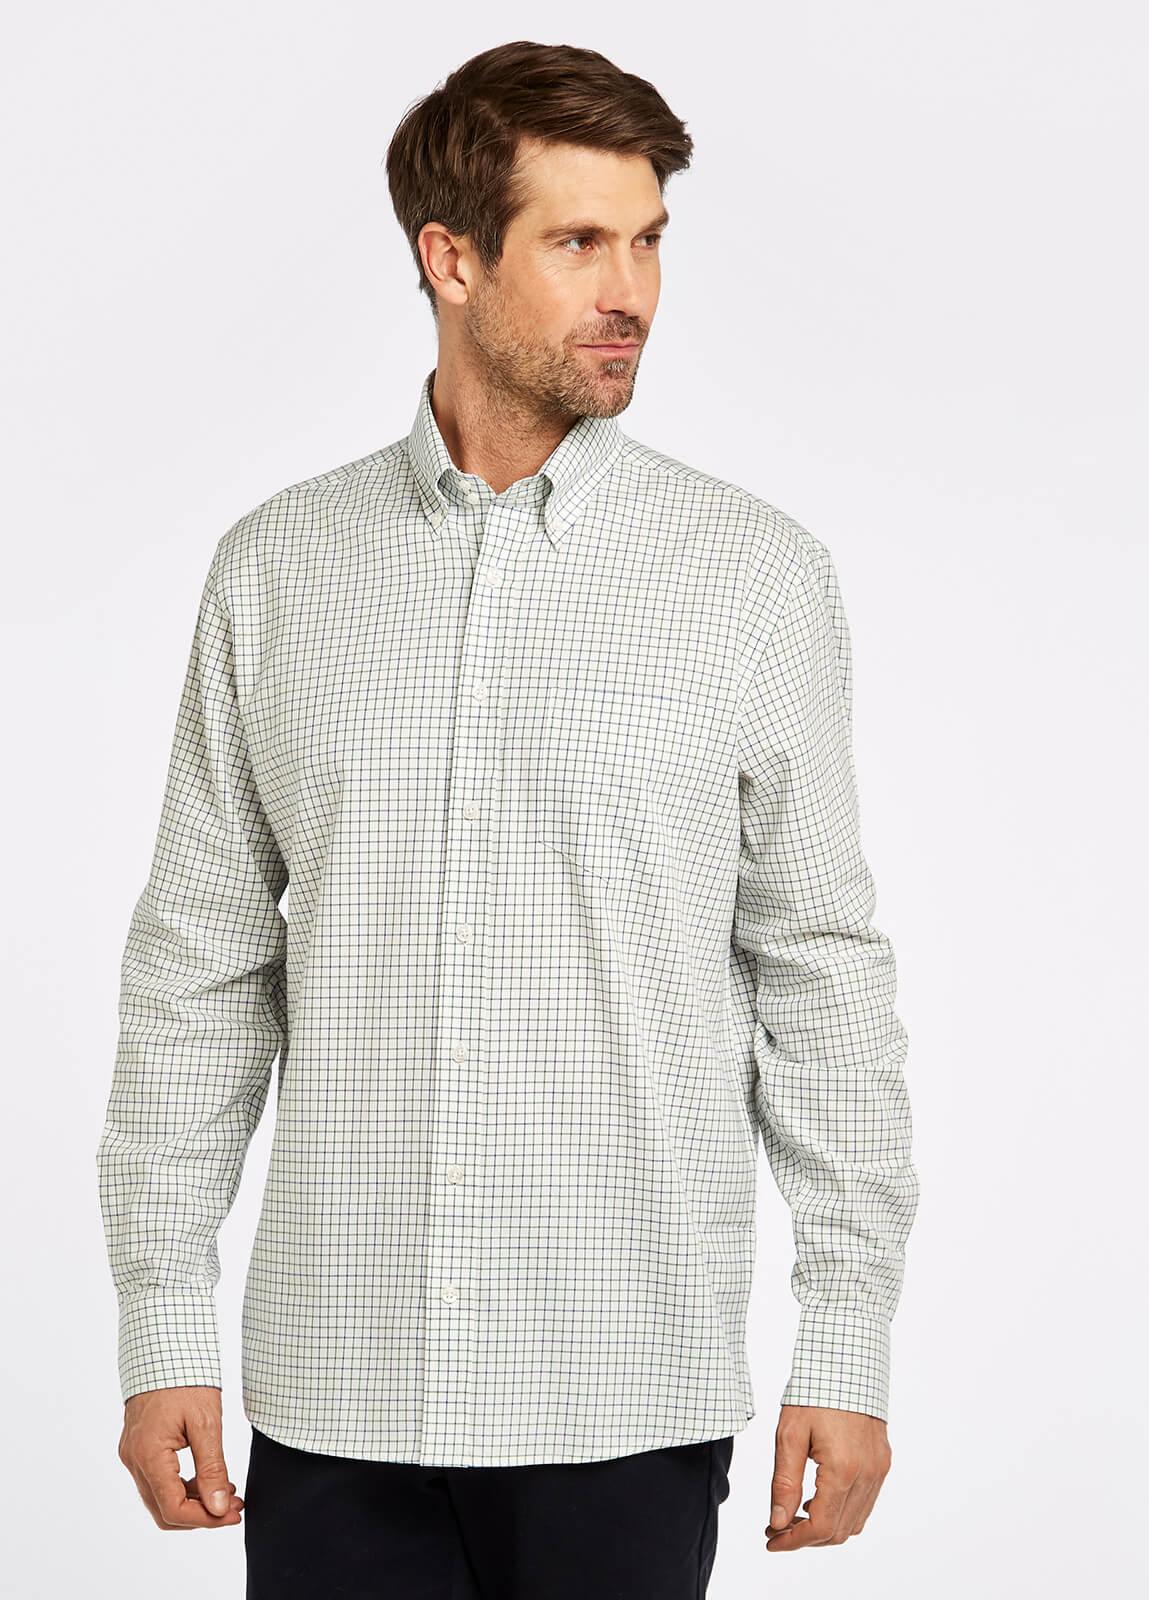 Muckross Shirt - Dusky Green